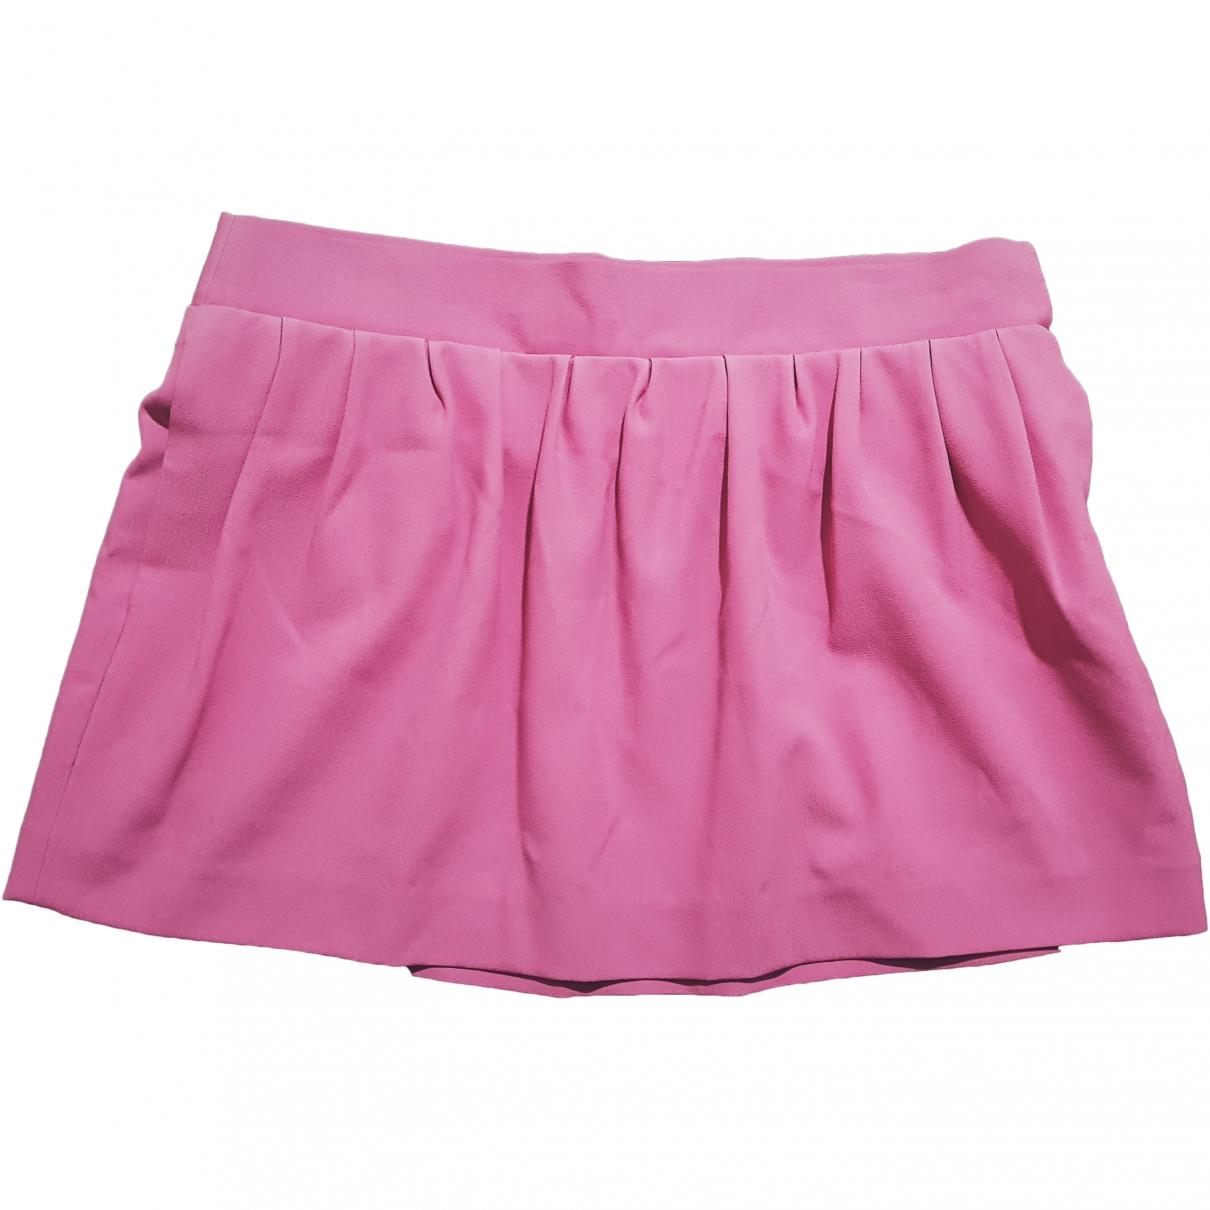 Diane Von Furstenberg \N Pink skirt for Women 8 US